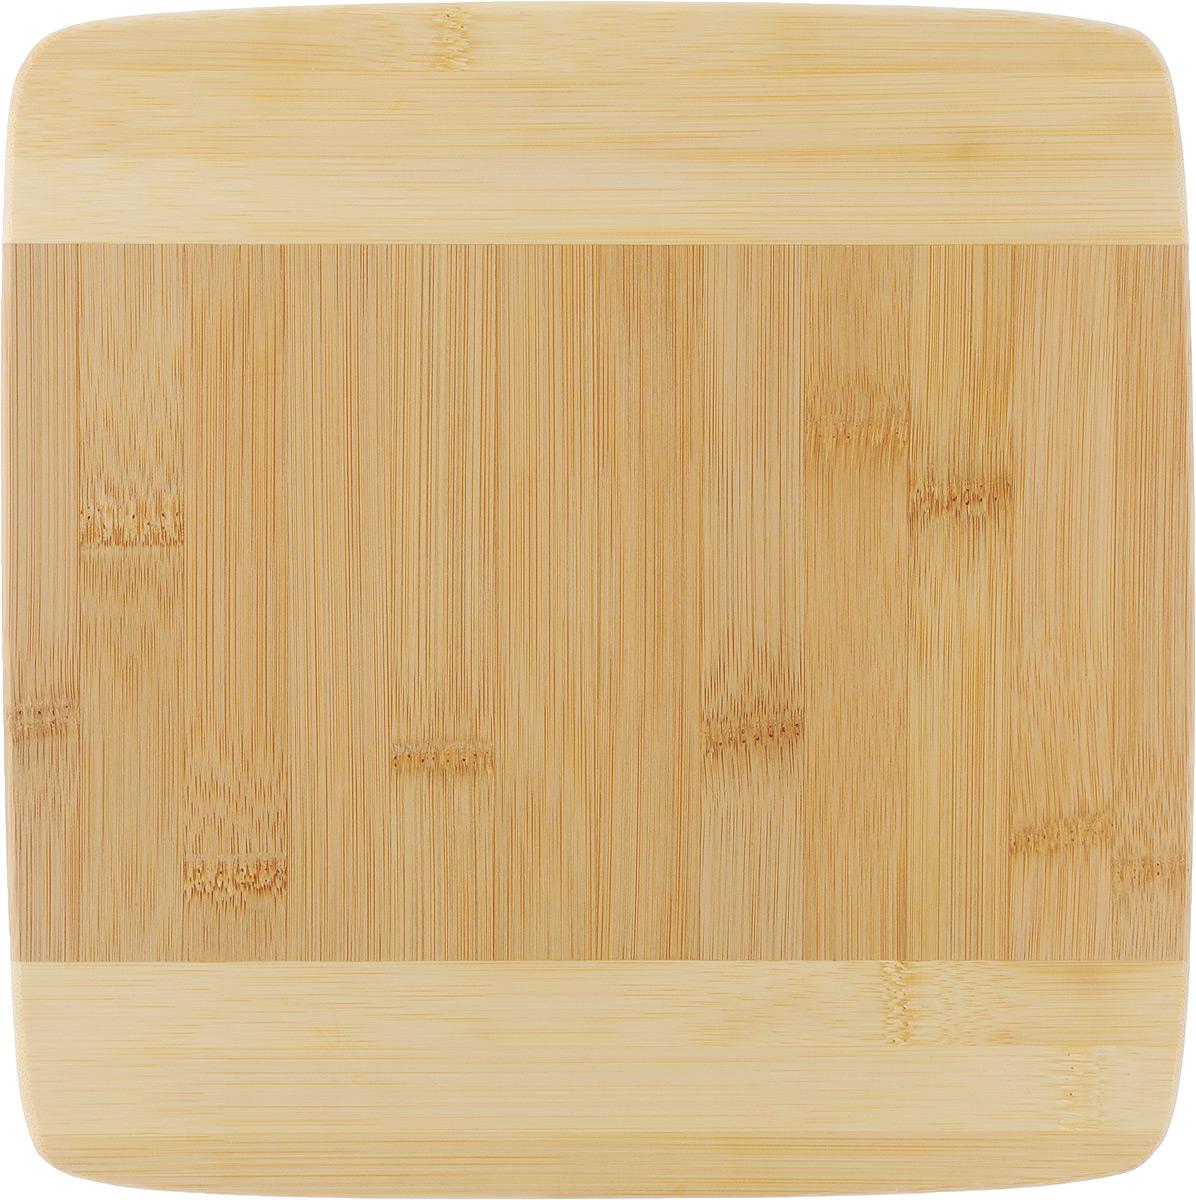 Доска разделочная Hans & Gretchen, 37 х 14 см28LB-3101Прямоугольная разделочная доска Hans & Gretchen выполнена из натурального бамбука. Бамбук обладает природными антибактериальными свойствами. Доски отличаются долговечностью, большой прочностью и высокой плотностью, легко моются, не впитывают запахи и обладают водоотталкивающими свойствами, при длительном использовании не деформируются. Разделочная доска Hans & Gretchen прекрасно подойдет для приготовления и сервировки пищи. Рекомендации по уходу: - очищать сразу после использования; - просушивать после мытья; - не использовать при высокой температуре. Характеристики: Размер разделочной доски: 37 х 14 х 2 см.